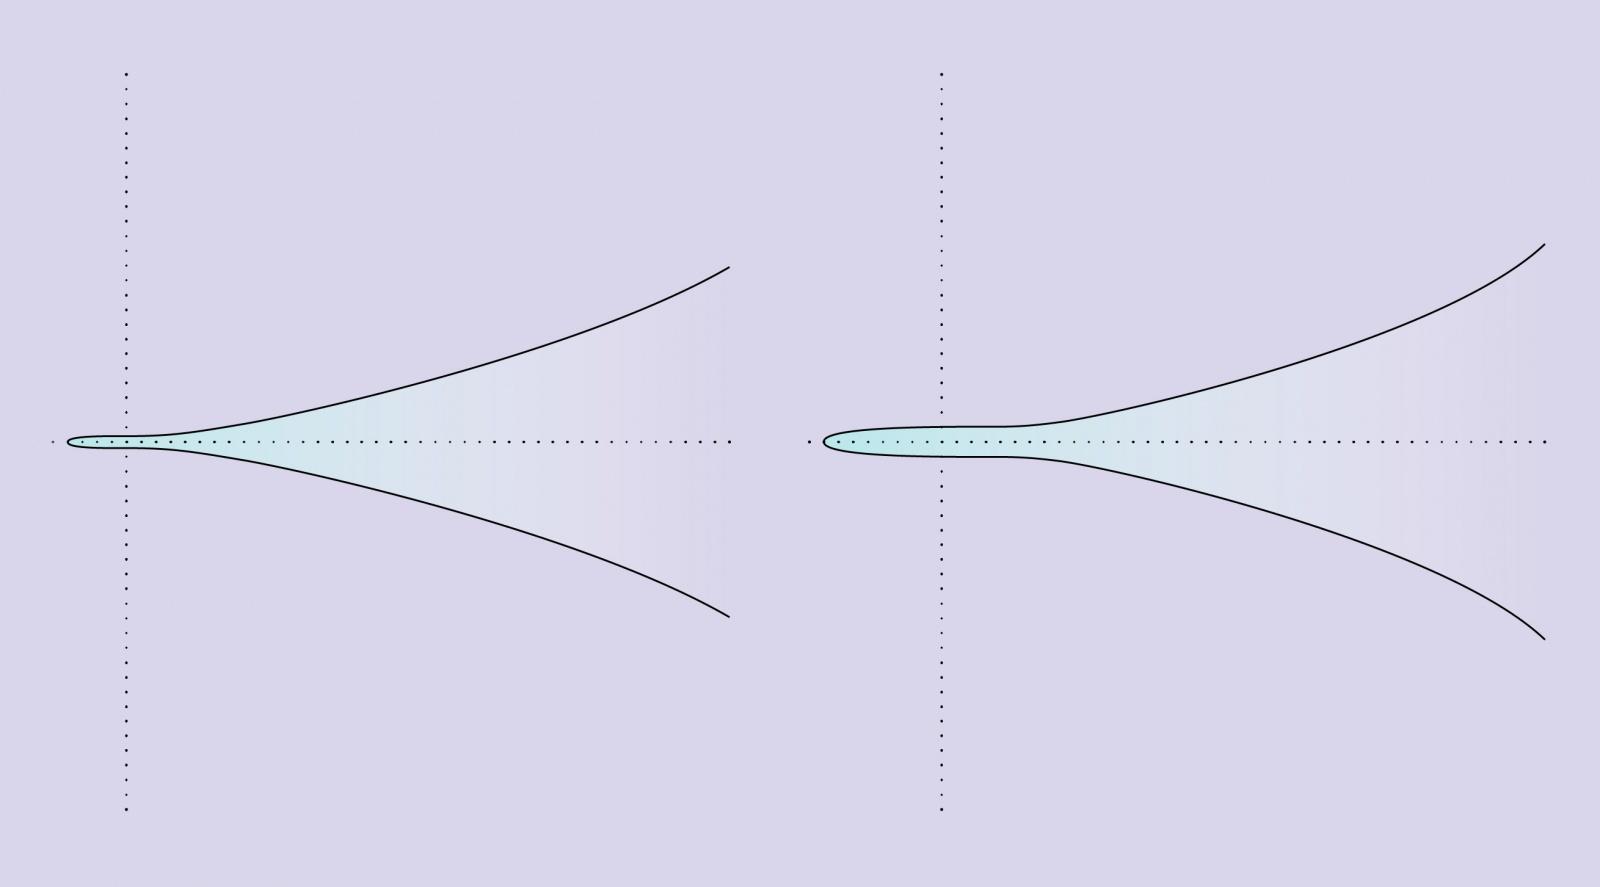 Новое доказательство демонстрирует существование двух видов бесконечных кривых - 1